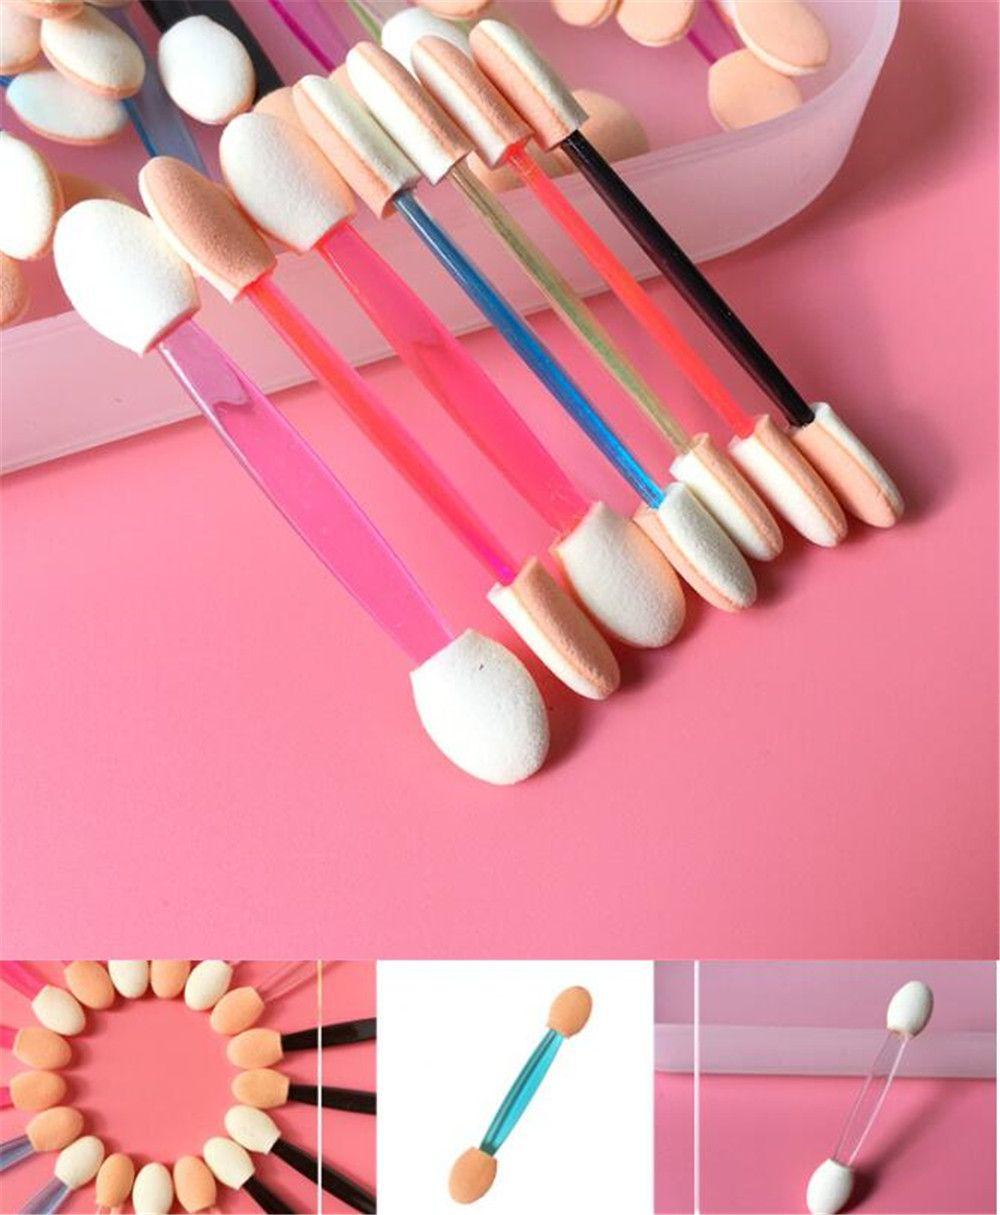 Sponge Stick Eye Shadow Applicator Strumenti per il trucco cosmetico Doppia pennello dell'ombretto a doppia testa per le donne Strumento di trucco